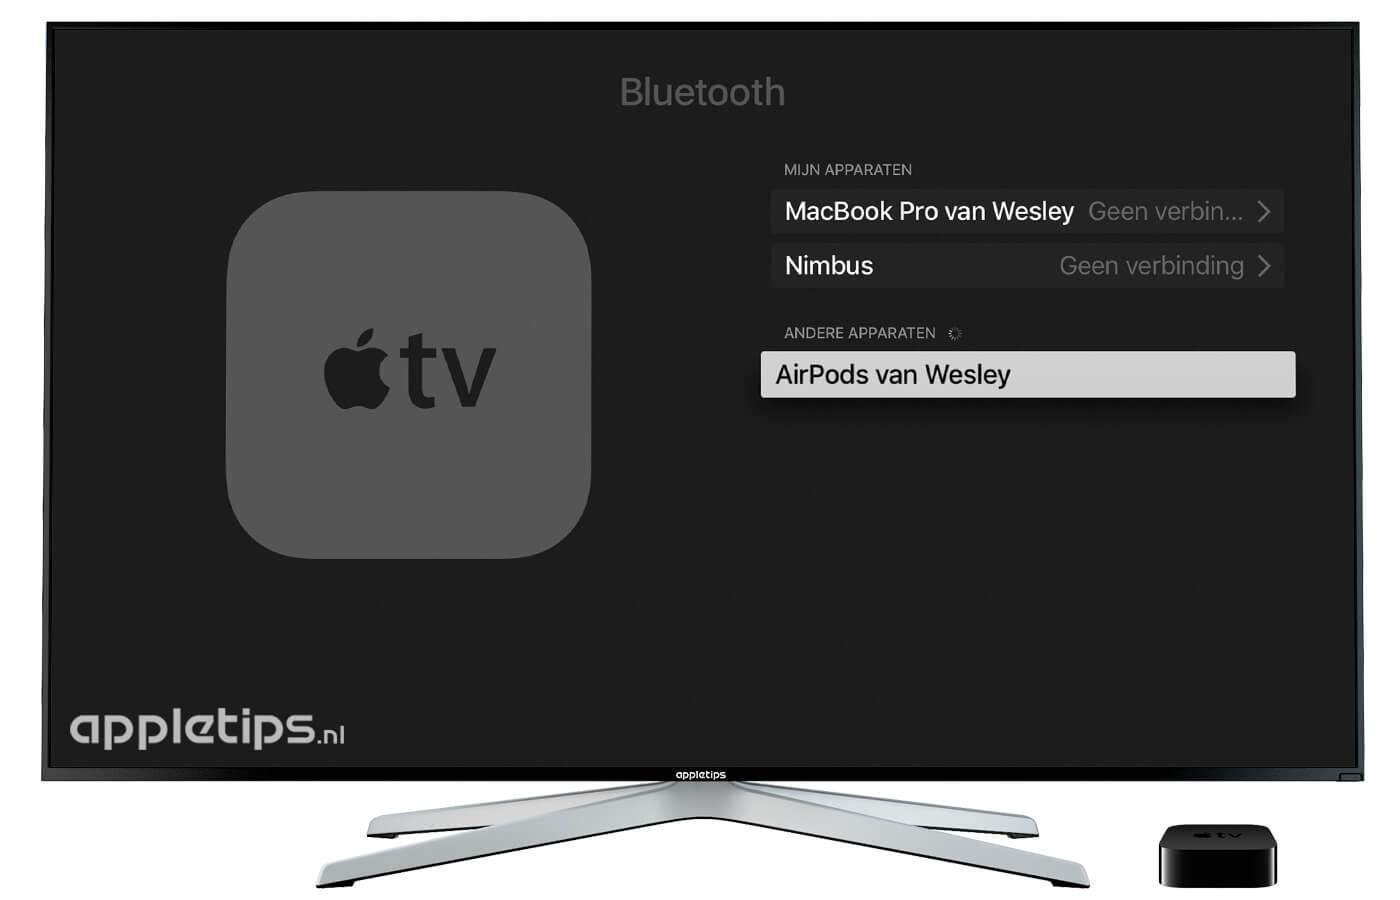 Airpods Koppelen Aan Iphone Ipad Mac Apple Watch En Meer